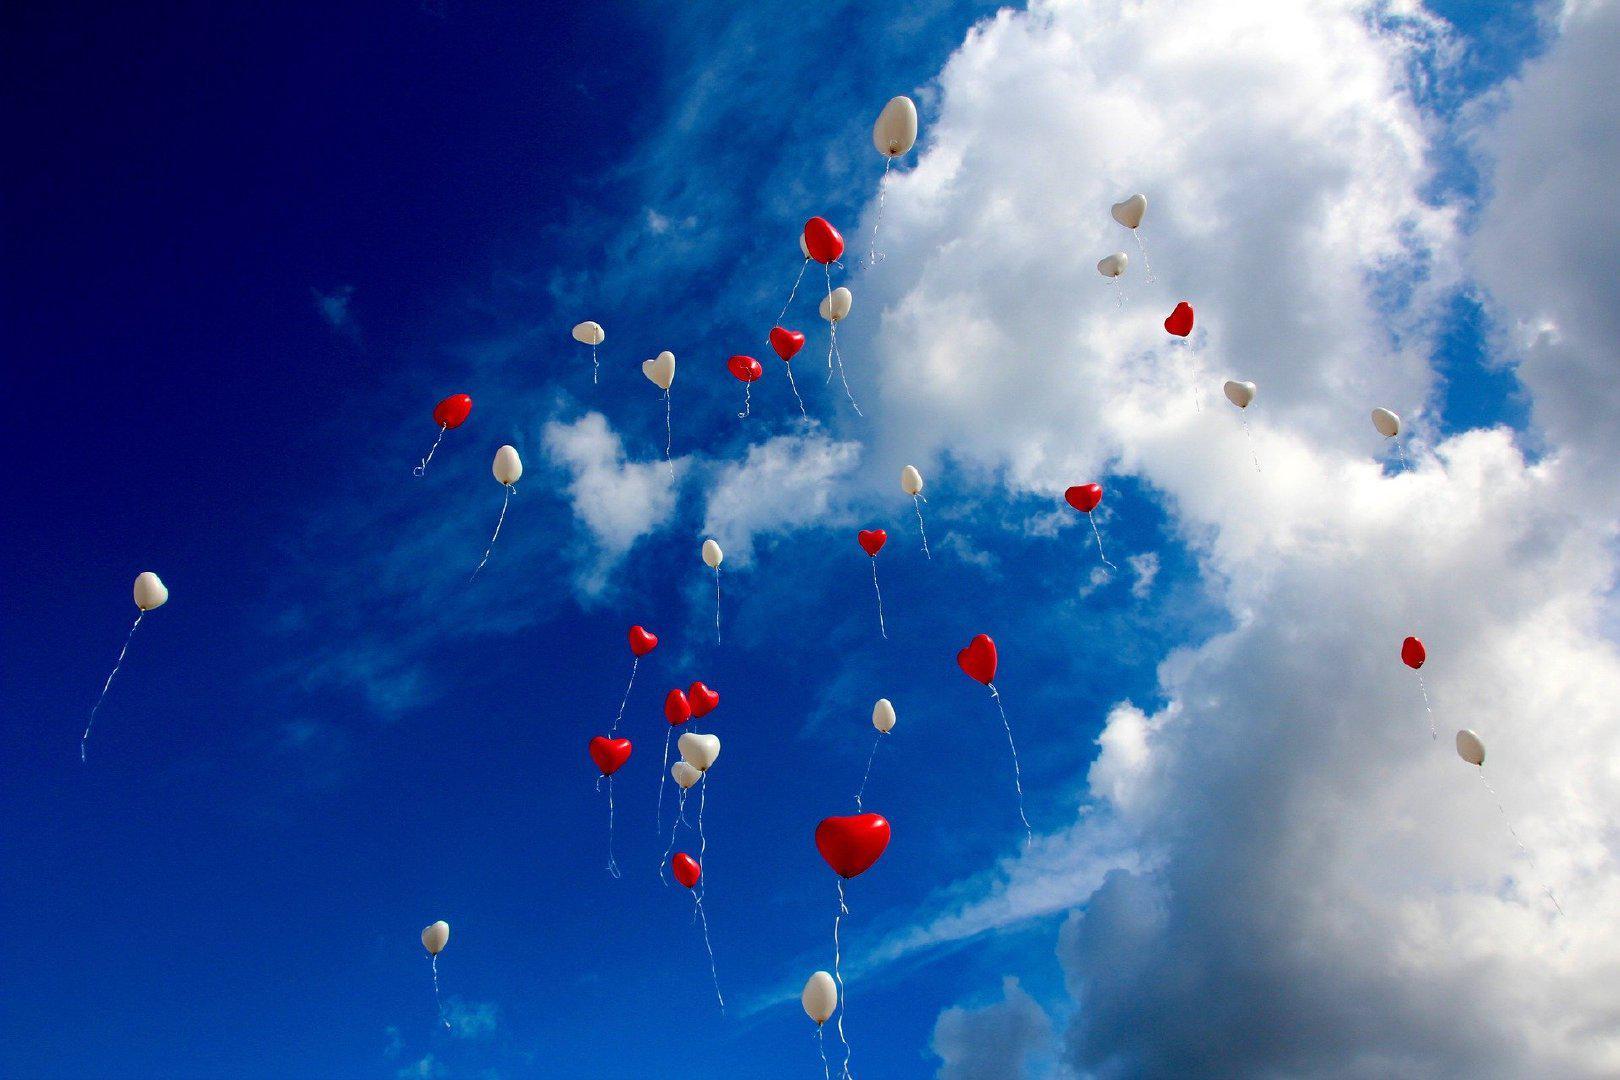 有一个可以想念的人,就是幸福。 ——岩井俊二《情书》